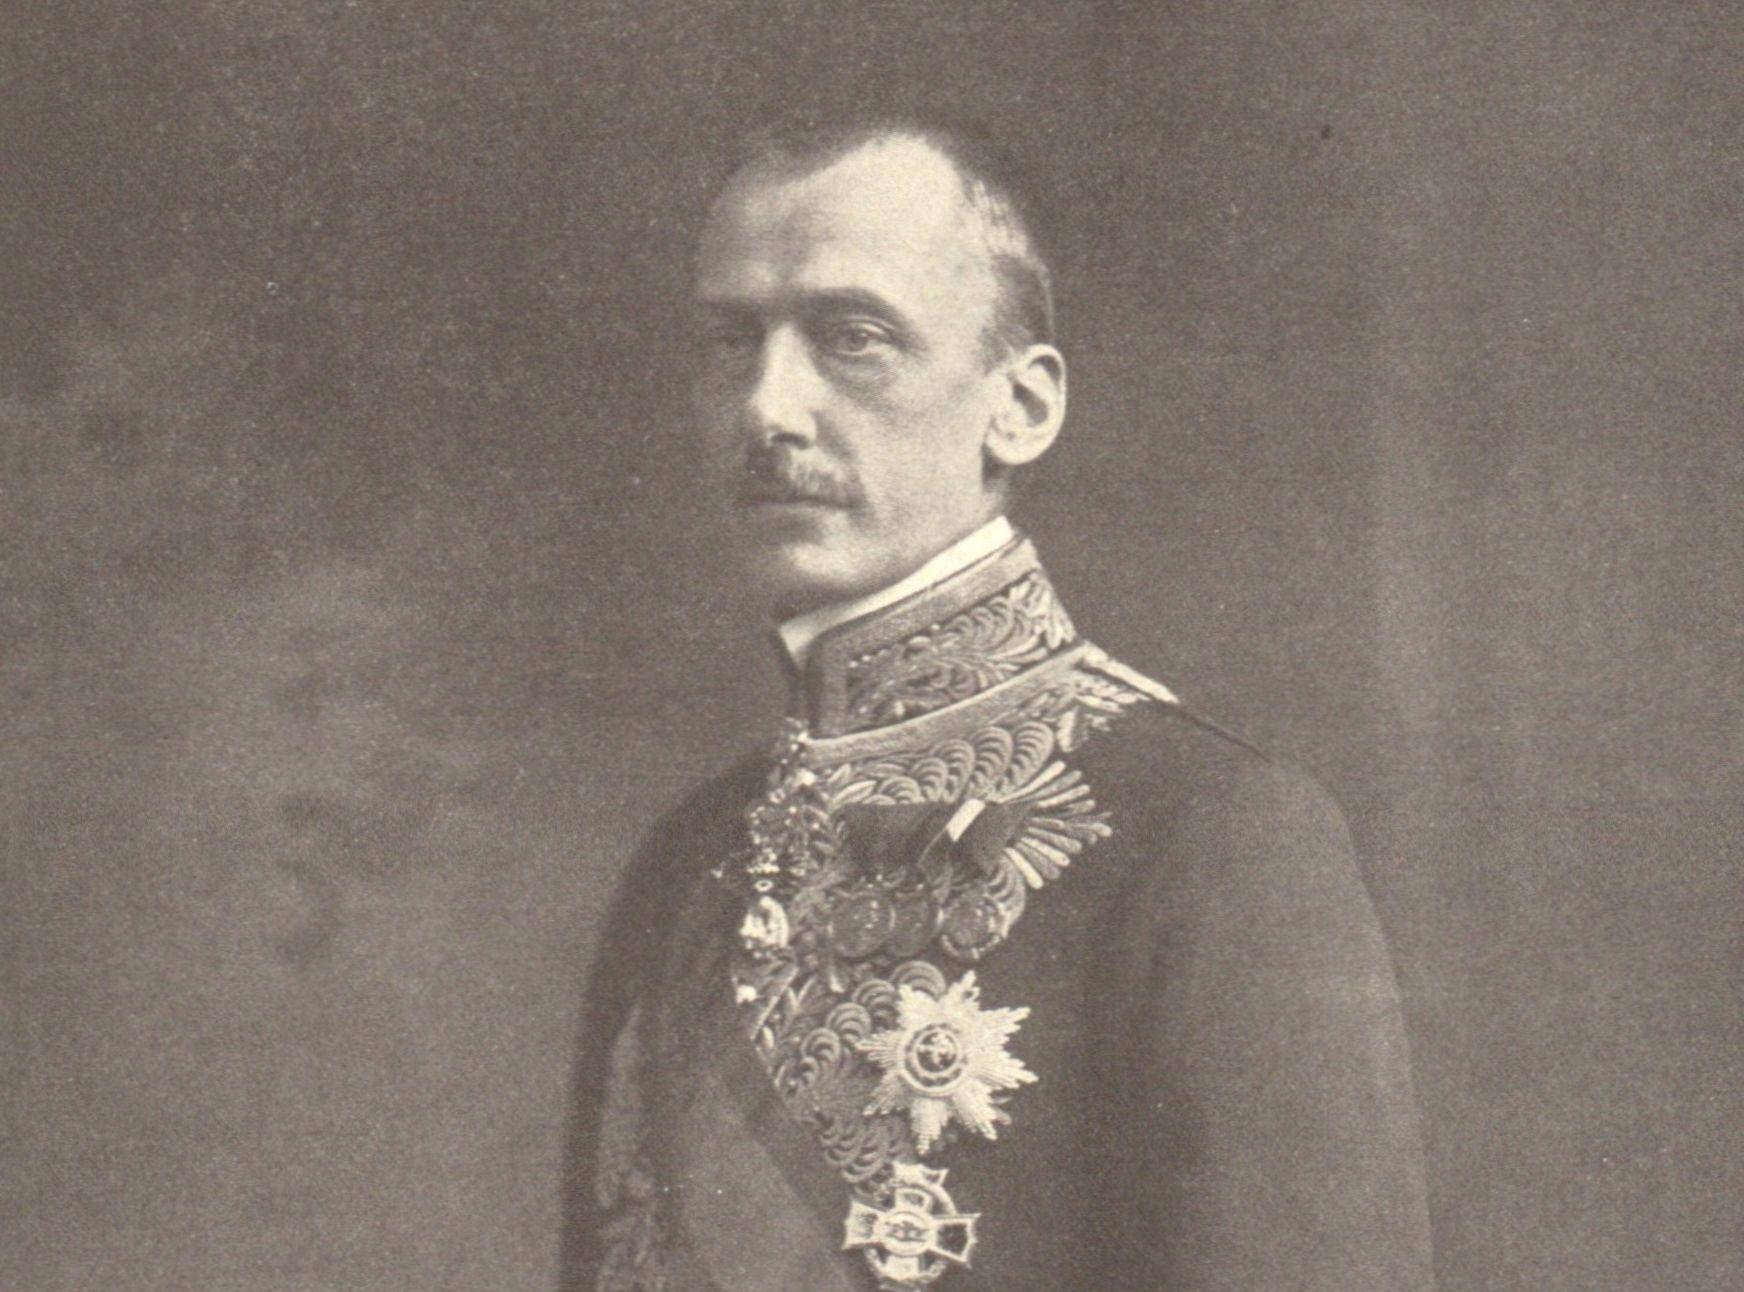 From the telegrams of an ambassador: The disinformation of Ottokar Czernin